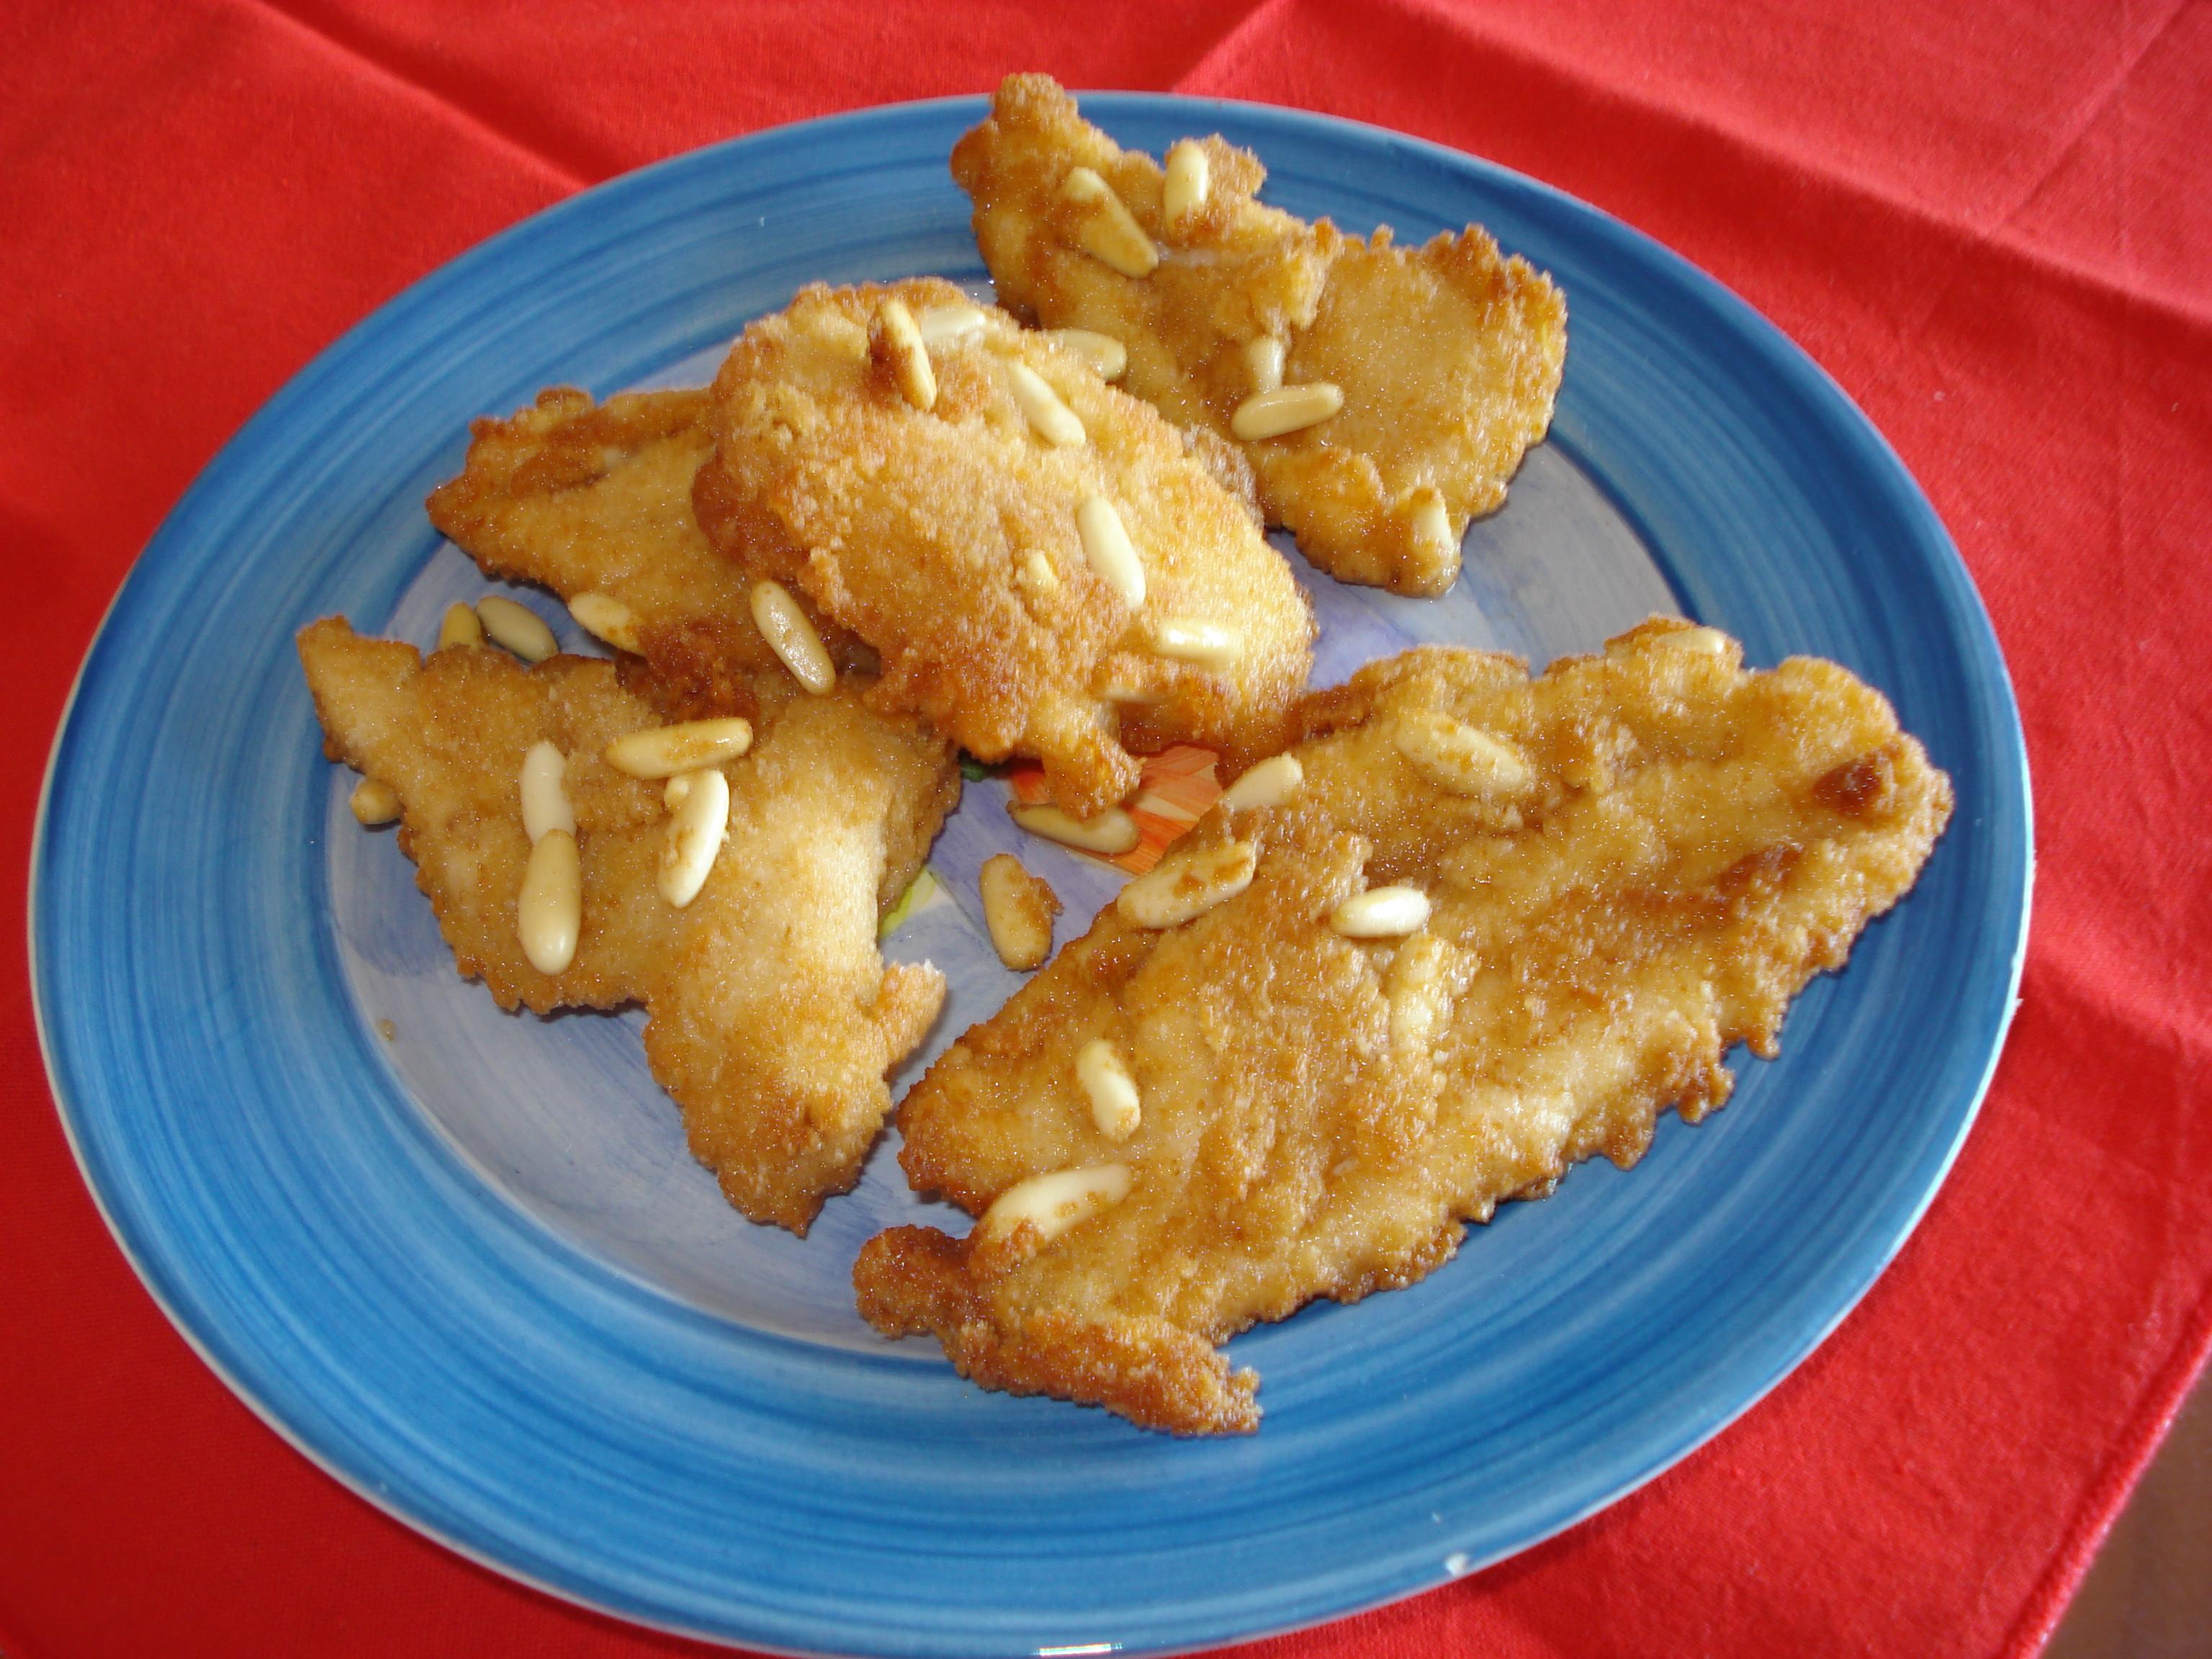 scaloppine di pollo in crosta di sesamo alla cinese